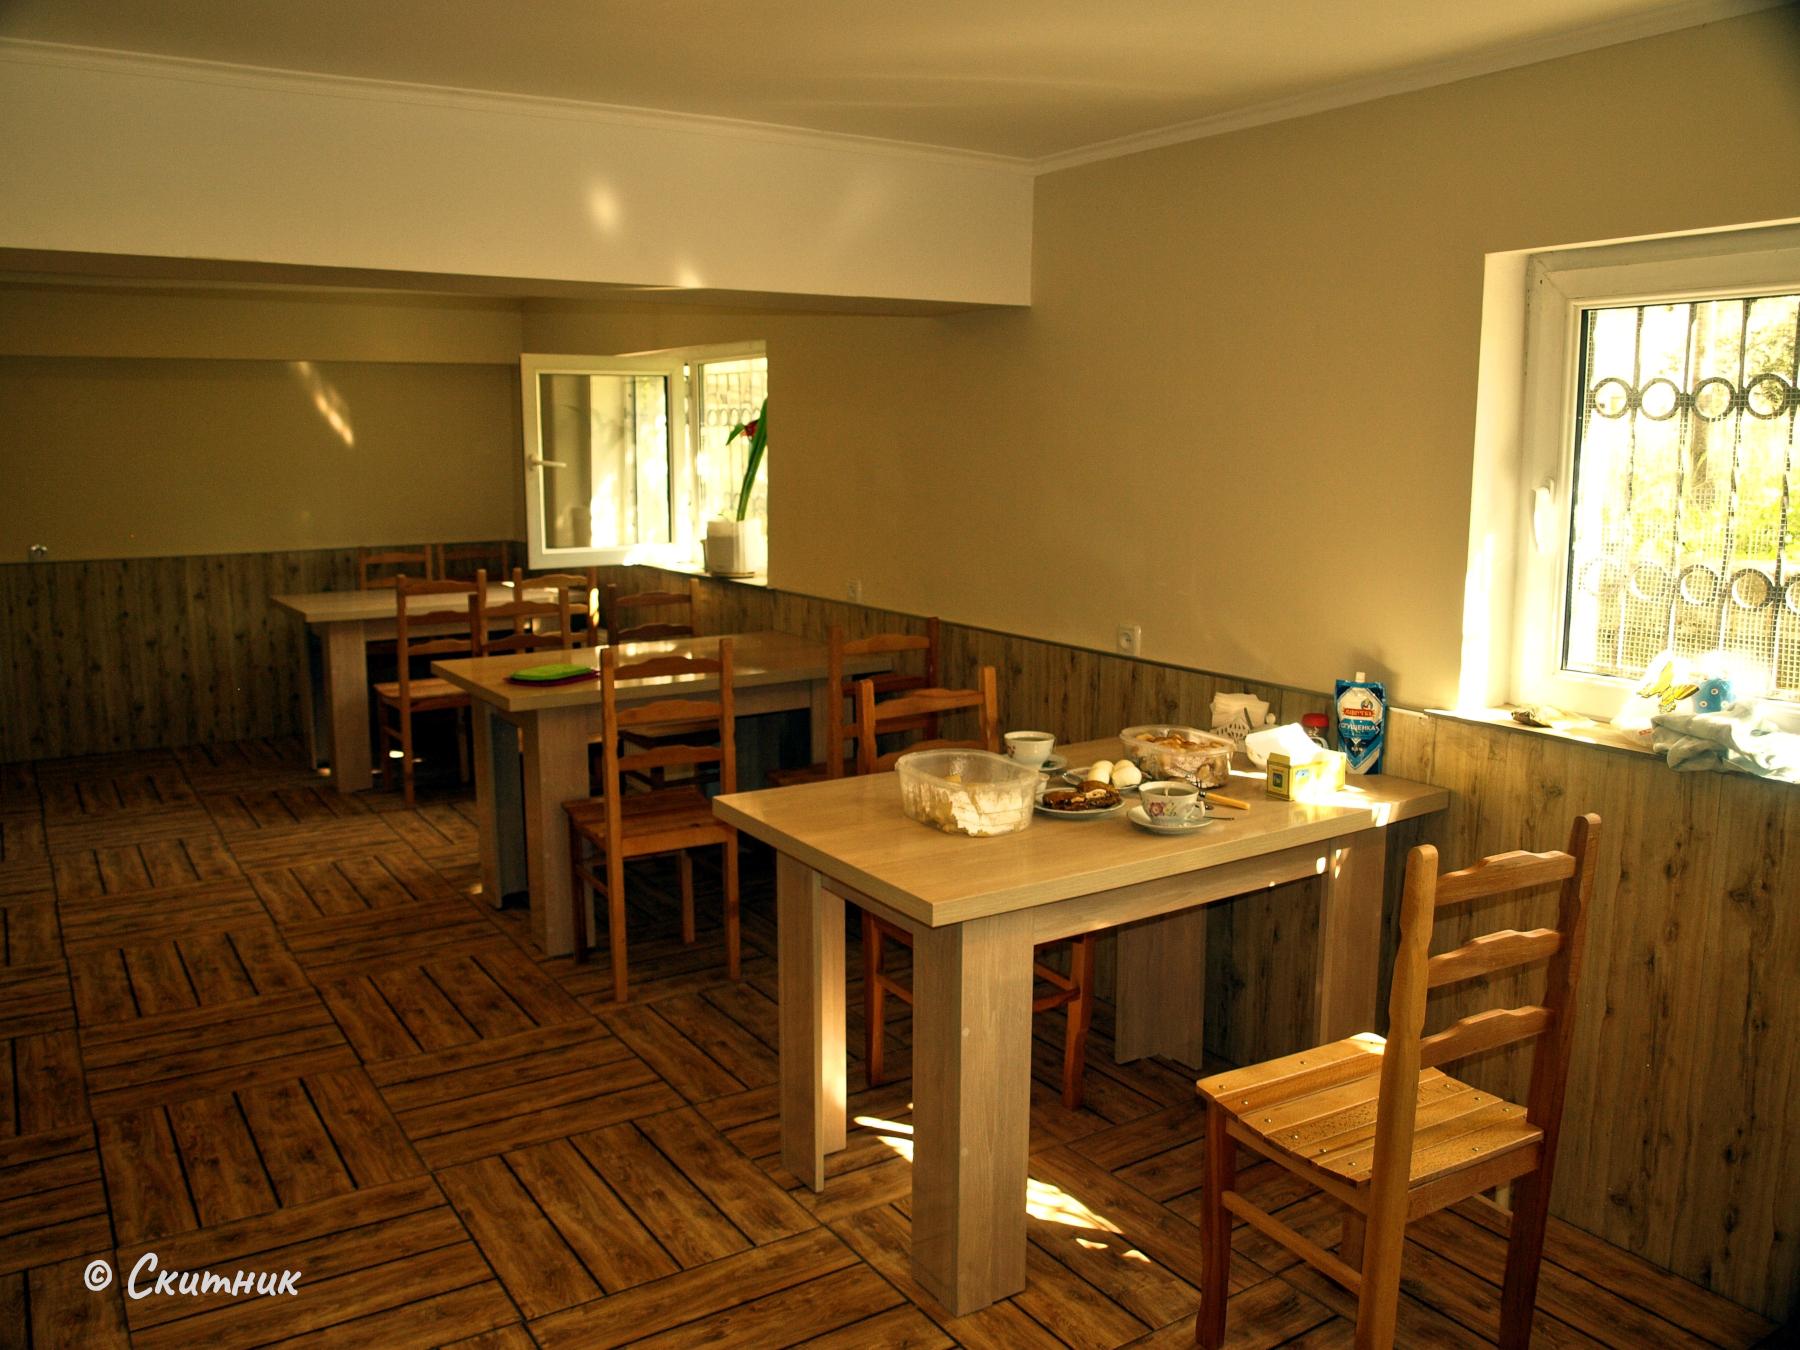 Кутаиси - столовата